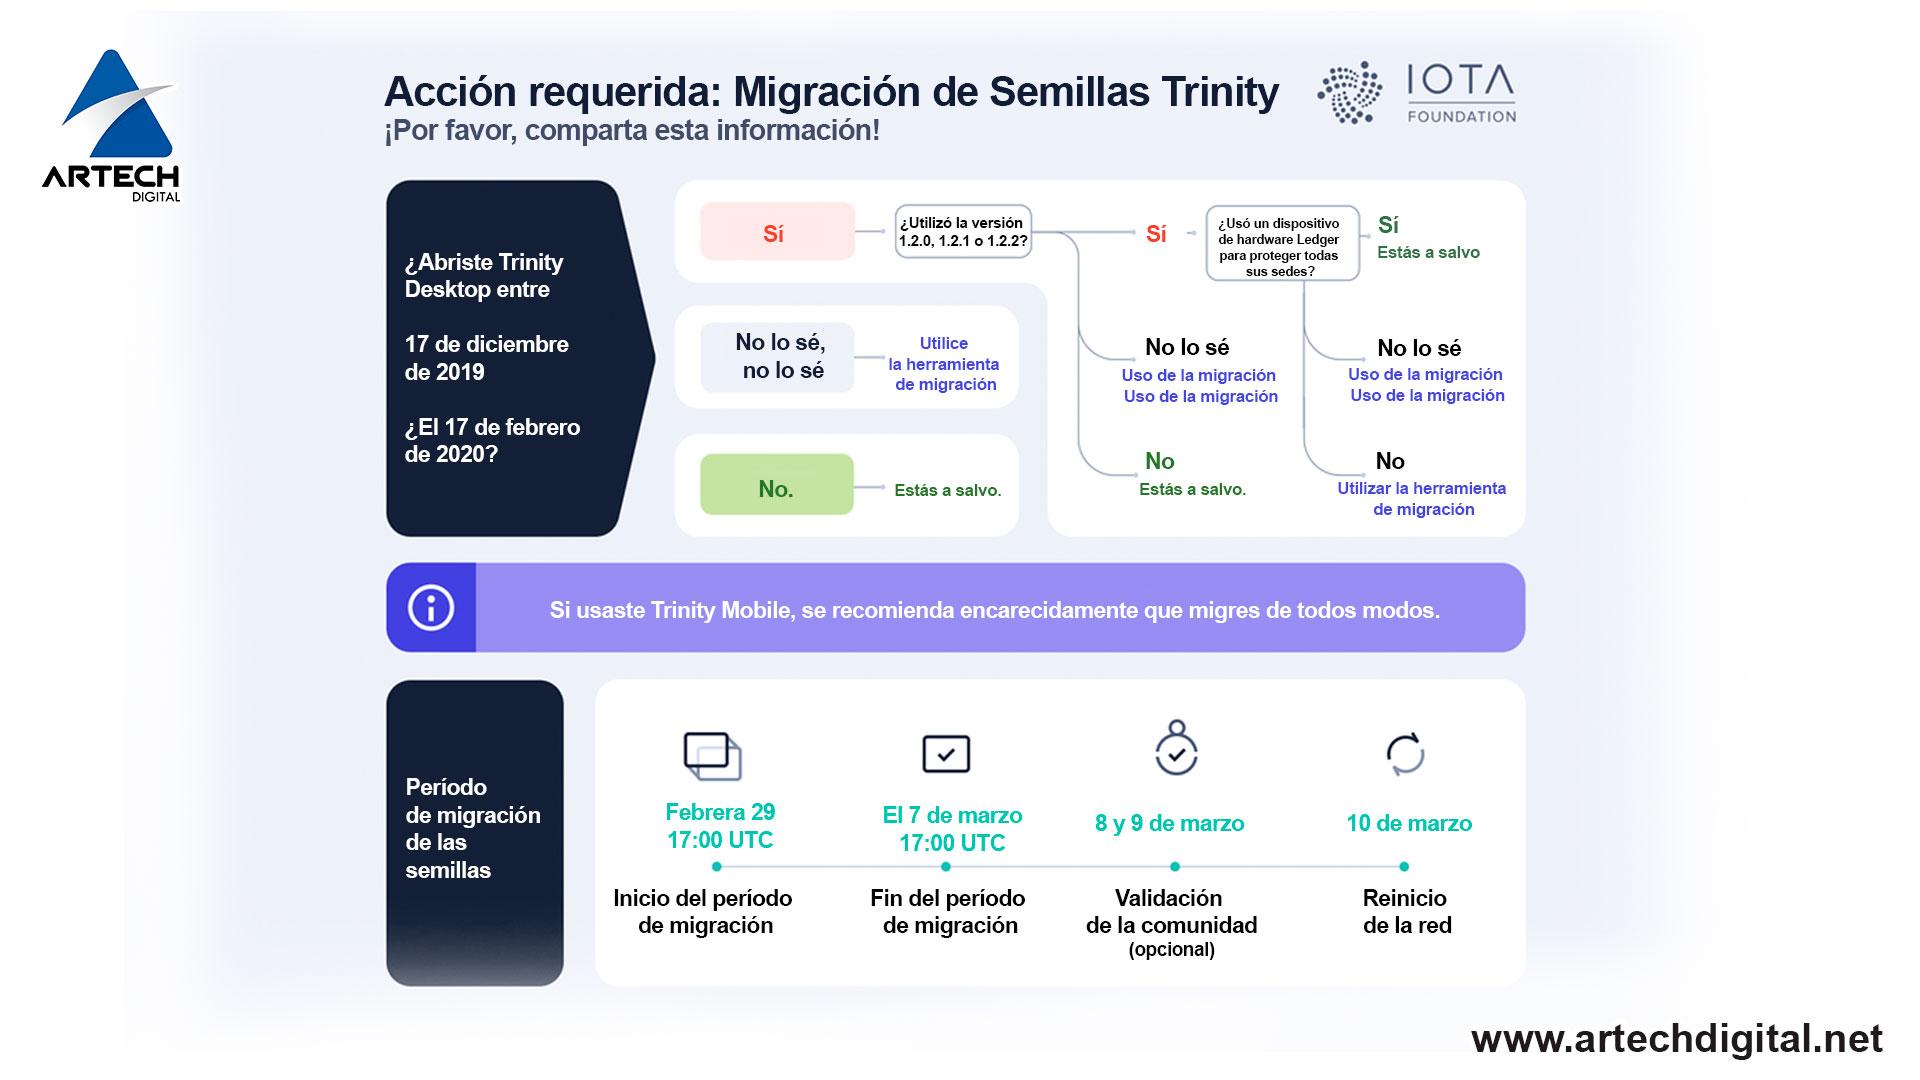 Migrar tus semillas de IOTA - Artech Digital